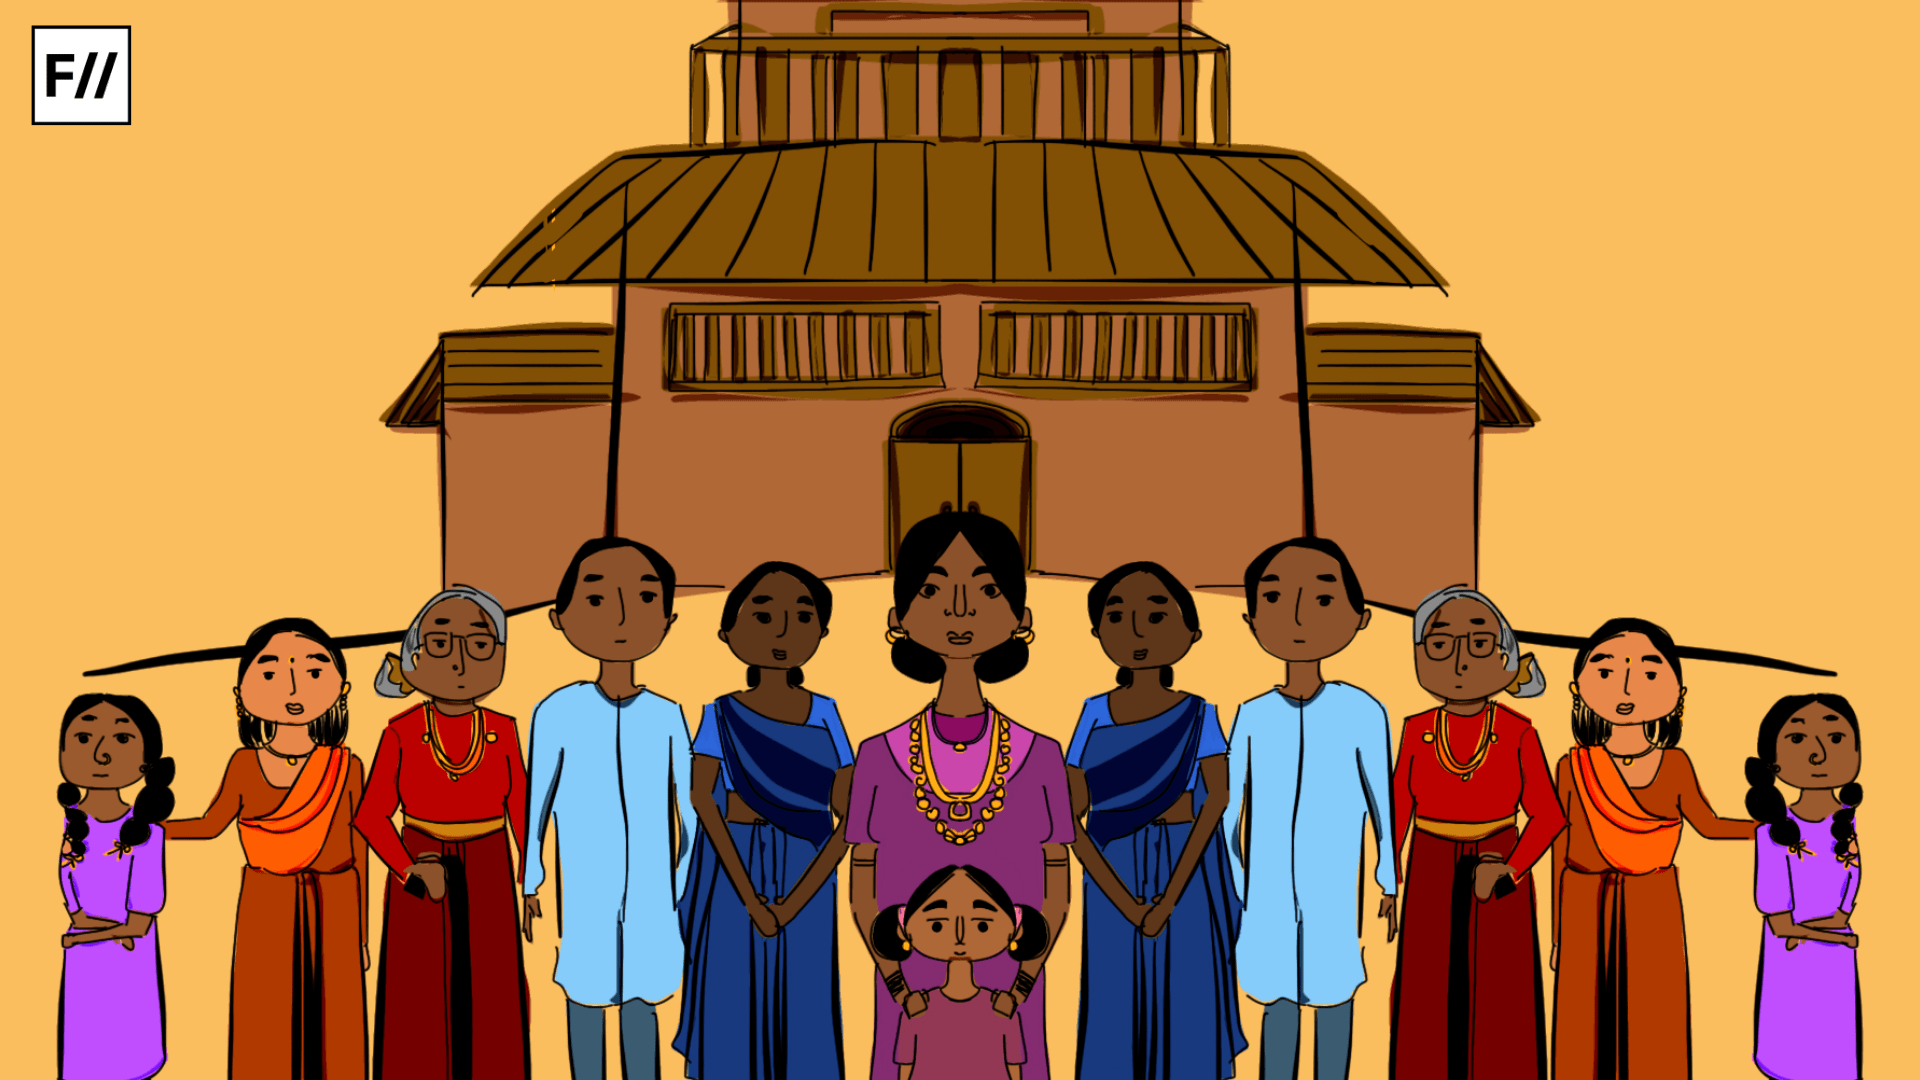 kerala matrilineal society